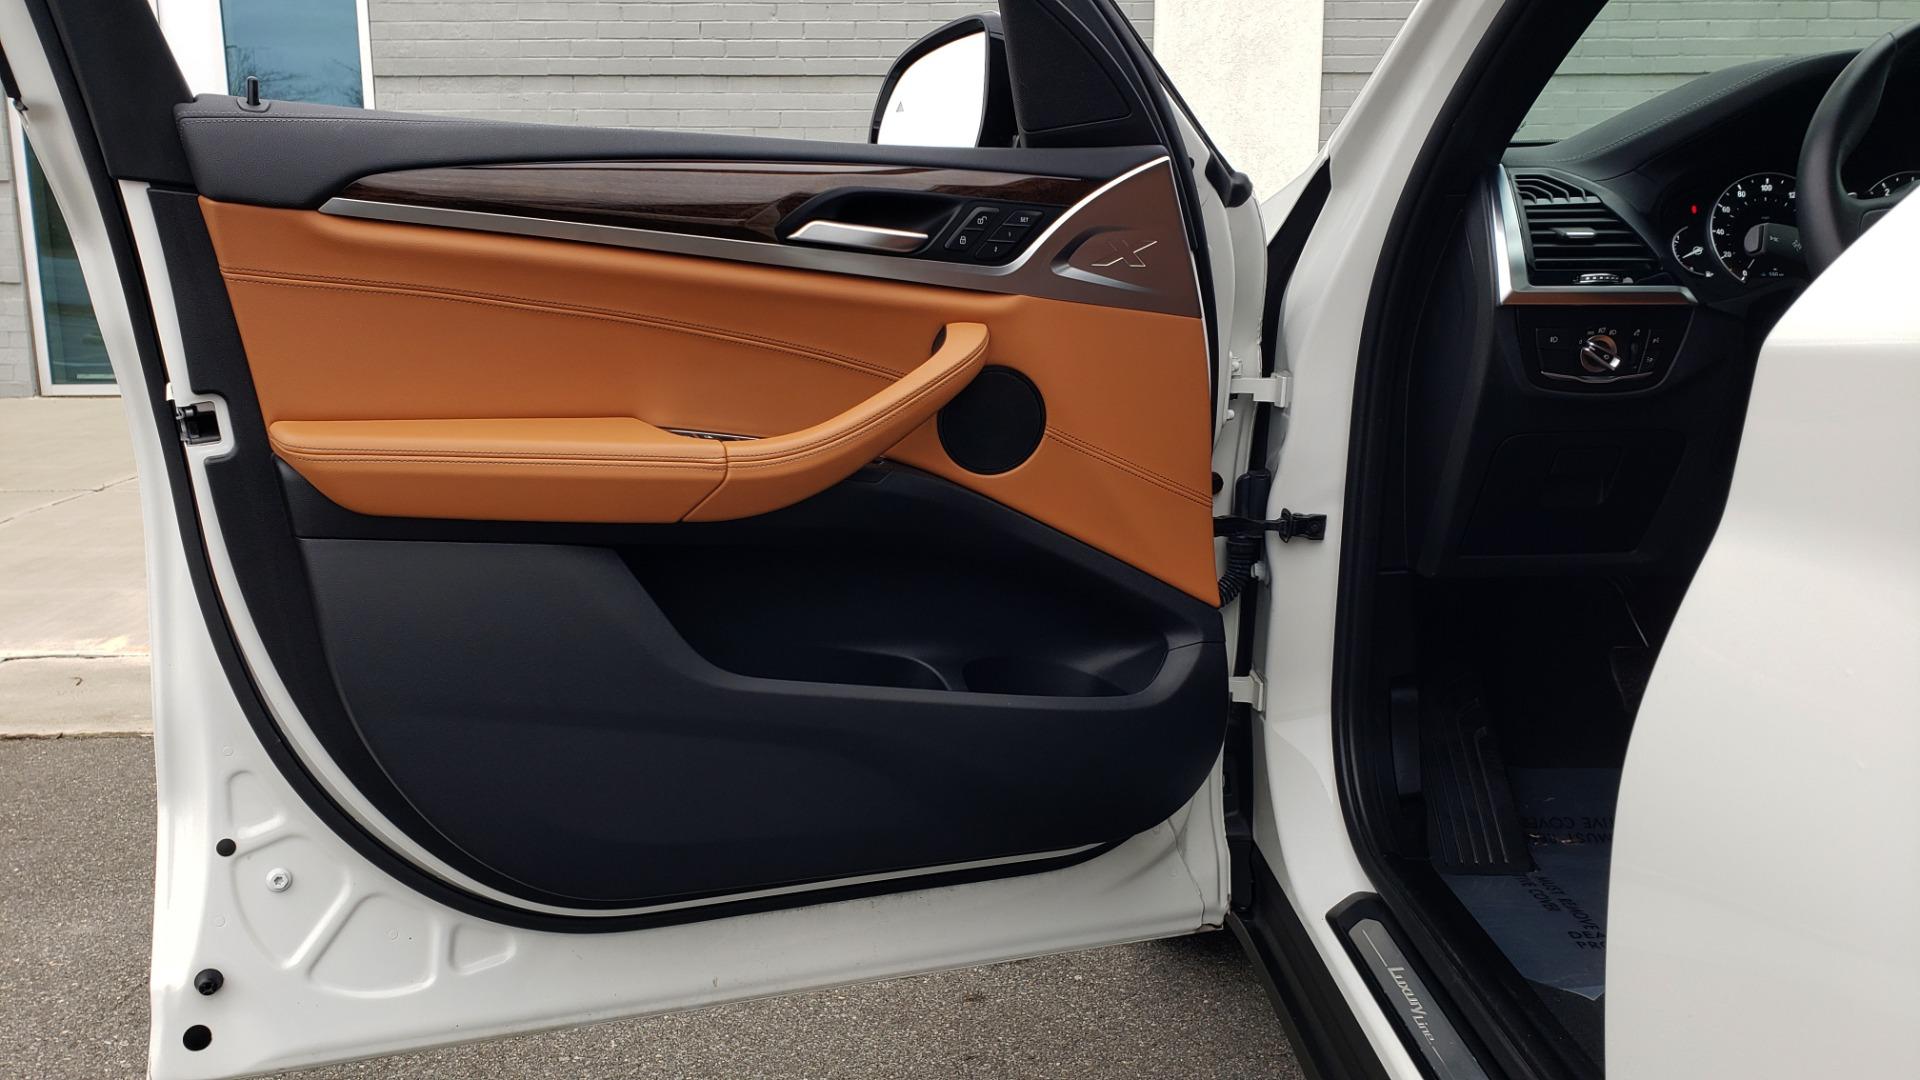 Used 2018 BMW X3 XDRIVE30I / LUX PKG / PREM PKG / CONV PKG / PDC / APPLE CARPLAY for sale Sold at Formula Imports in Charlotte NC 28227 33